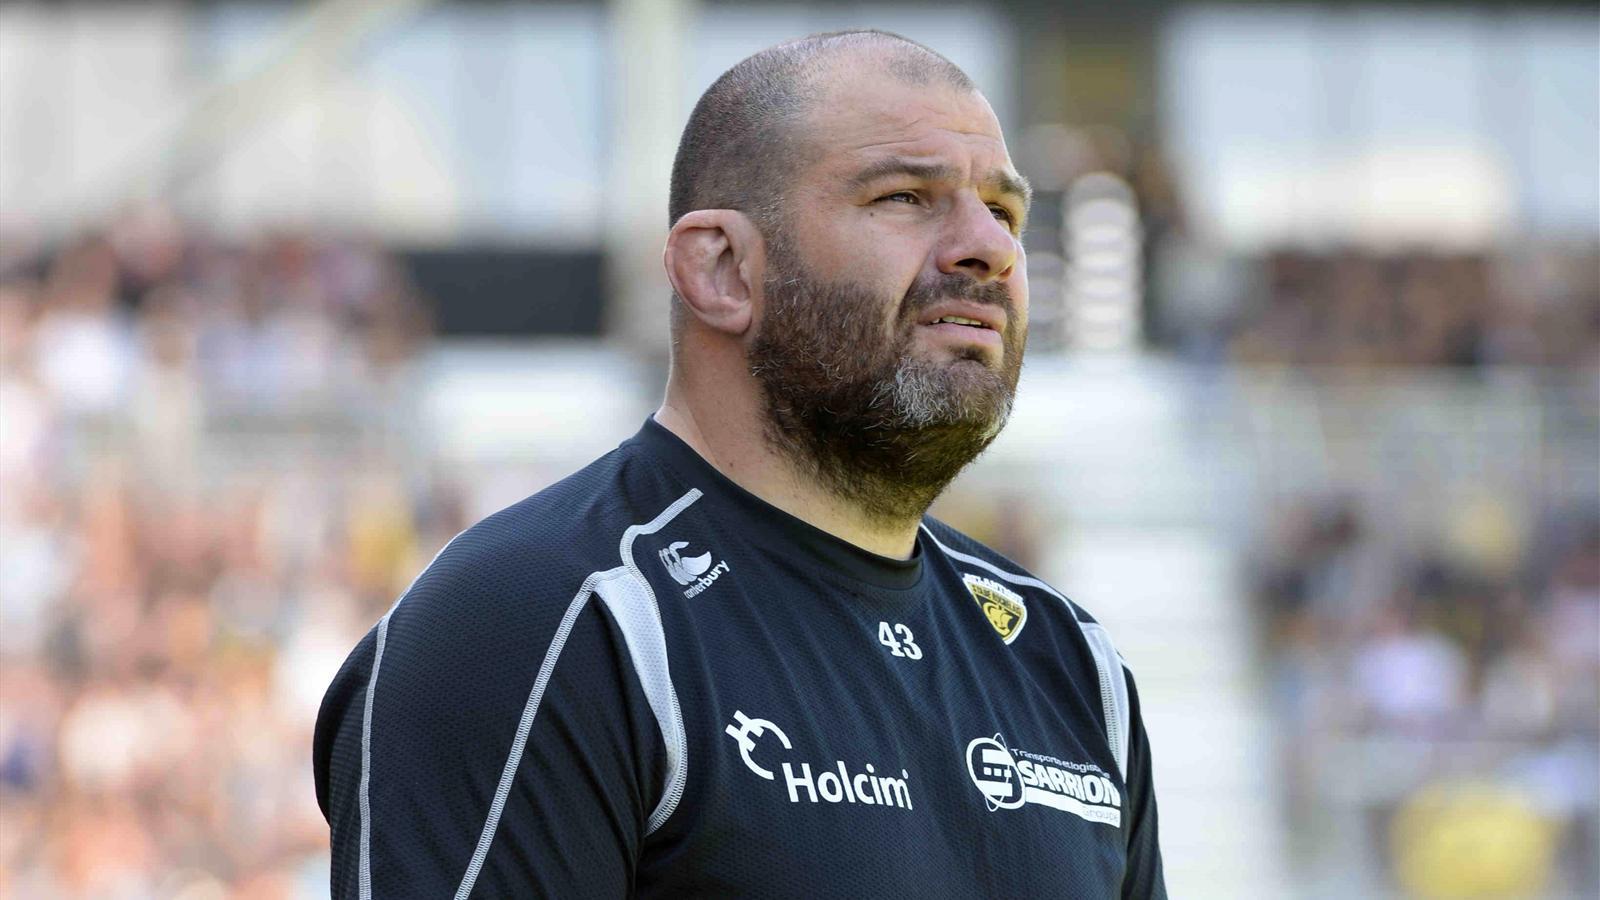 Le manager de La Rochelle, Patrice Collazo